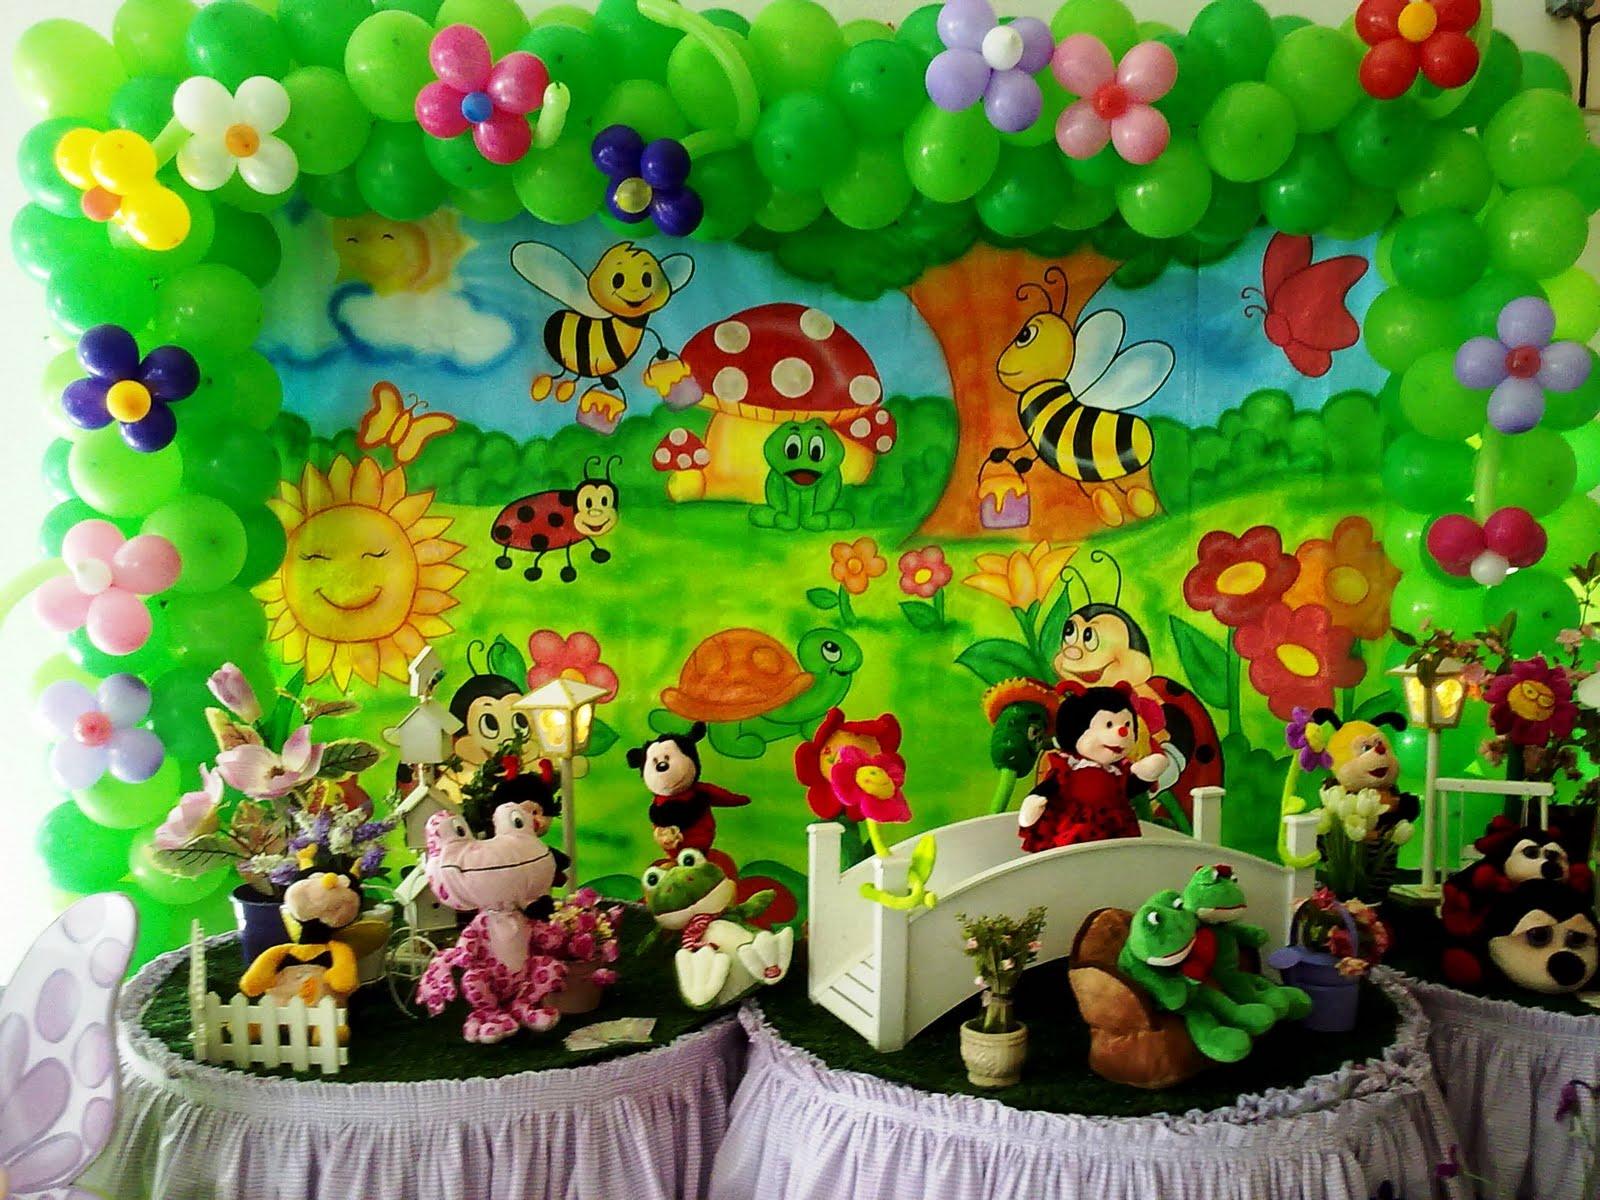 decoracao quarto de bebe jardim encantado : decoracao quarto de bebe jardim encantado: Fada dos Sonhos : Decoração Jardim Encantado – By Renata Stein